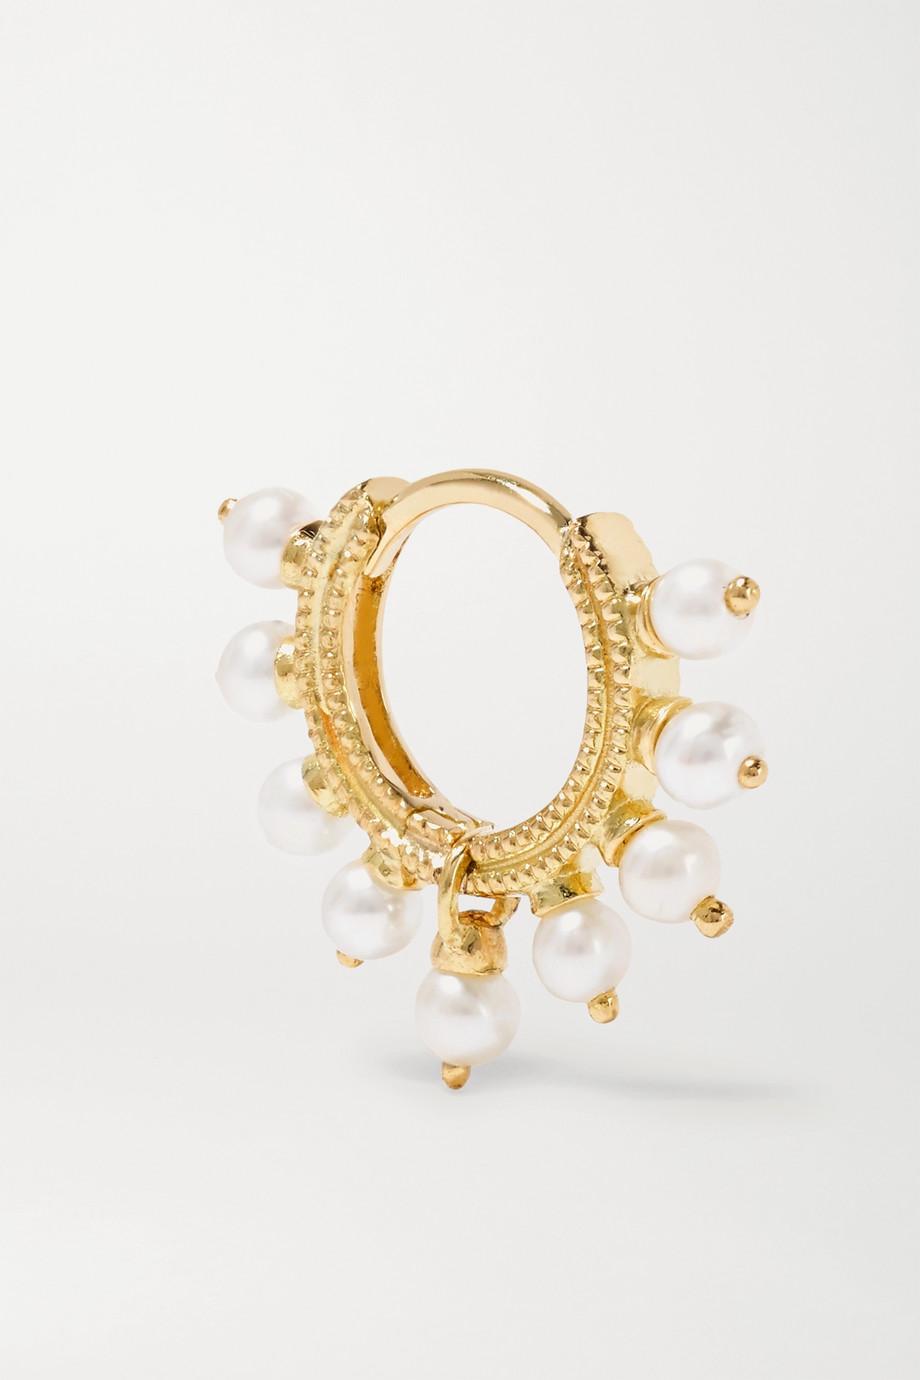 Maria Tash Boucle d'oreille en or 14 carats et perles 6,5 mm